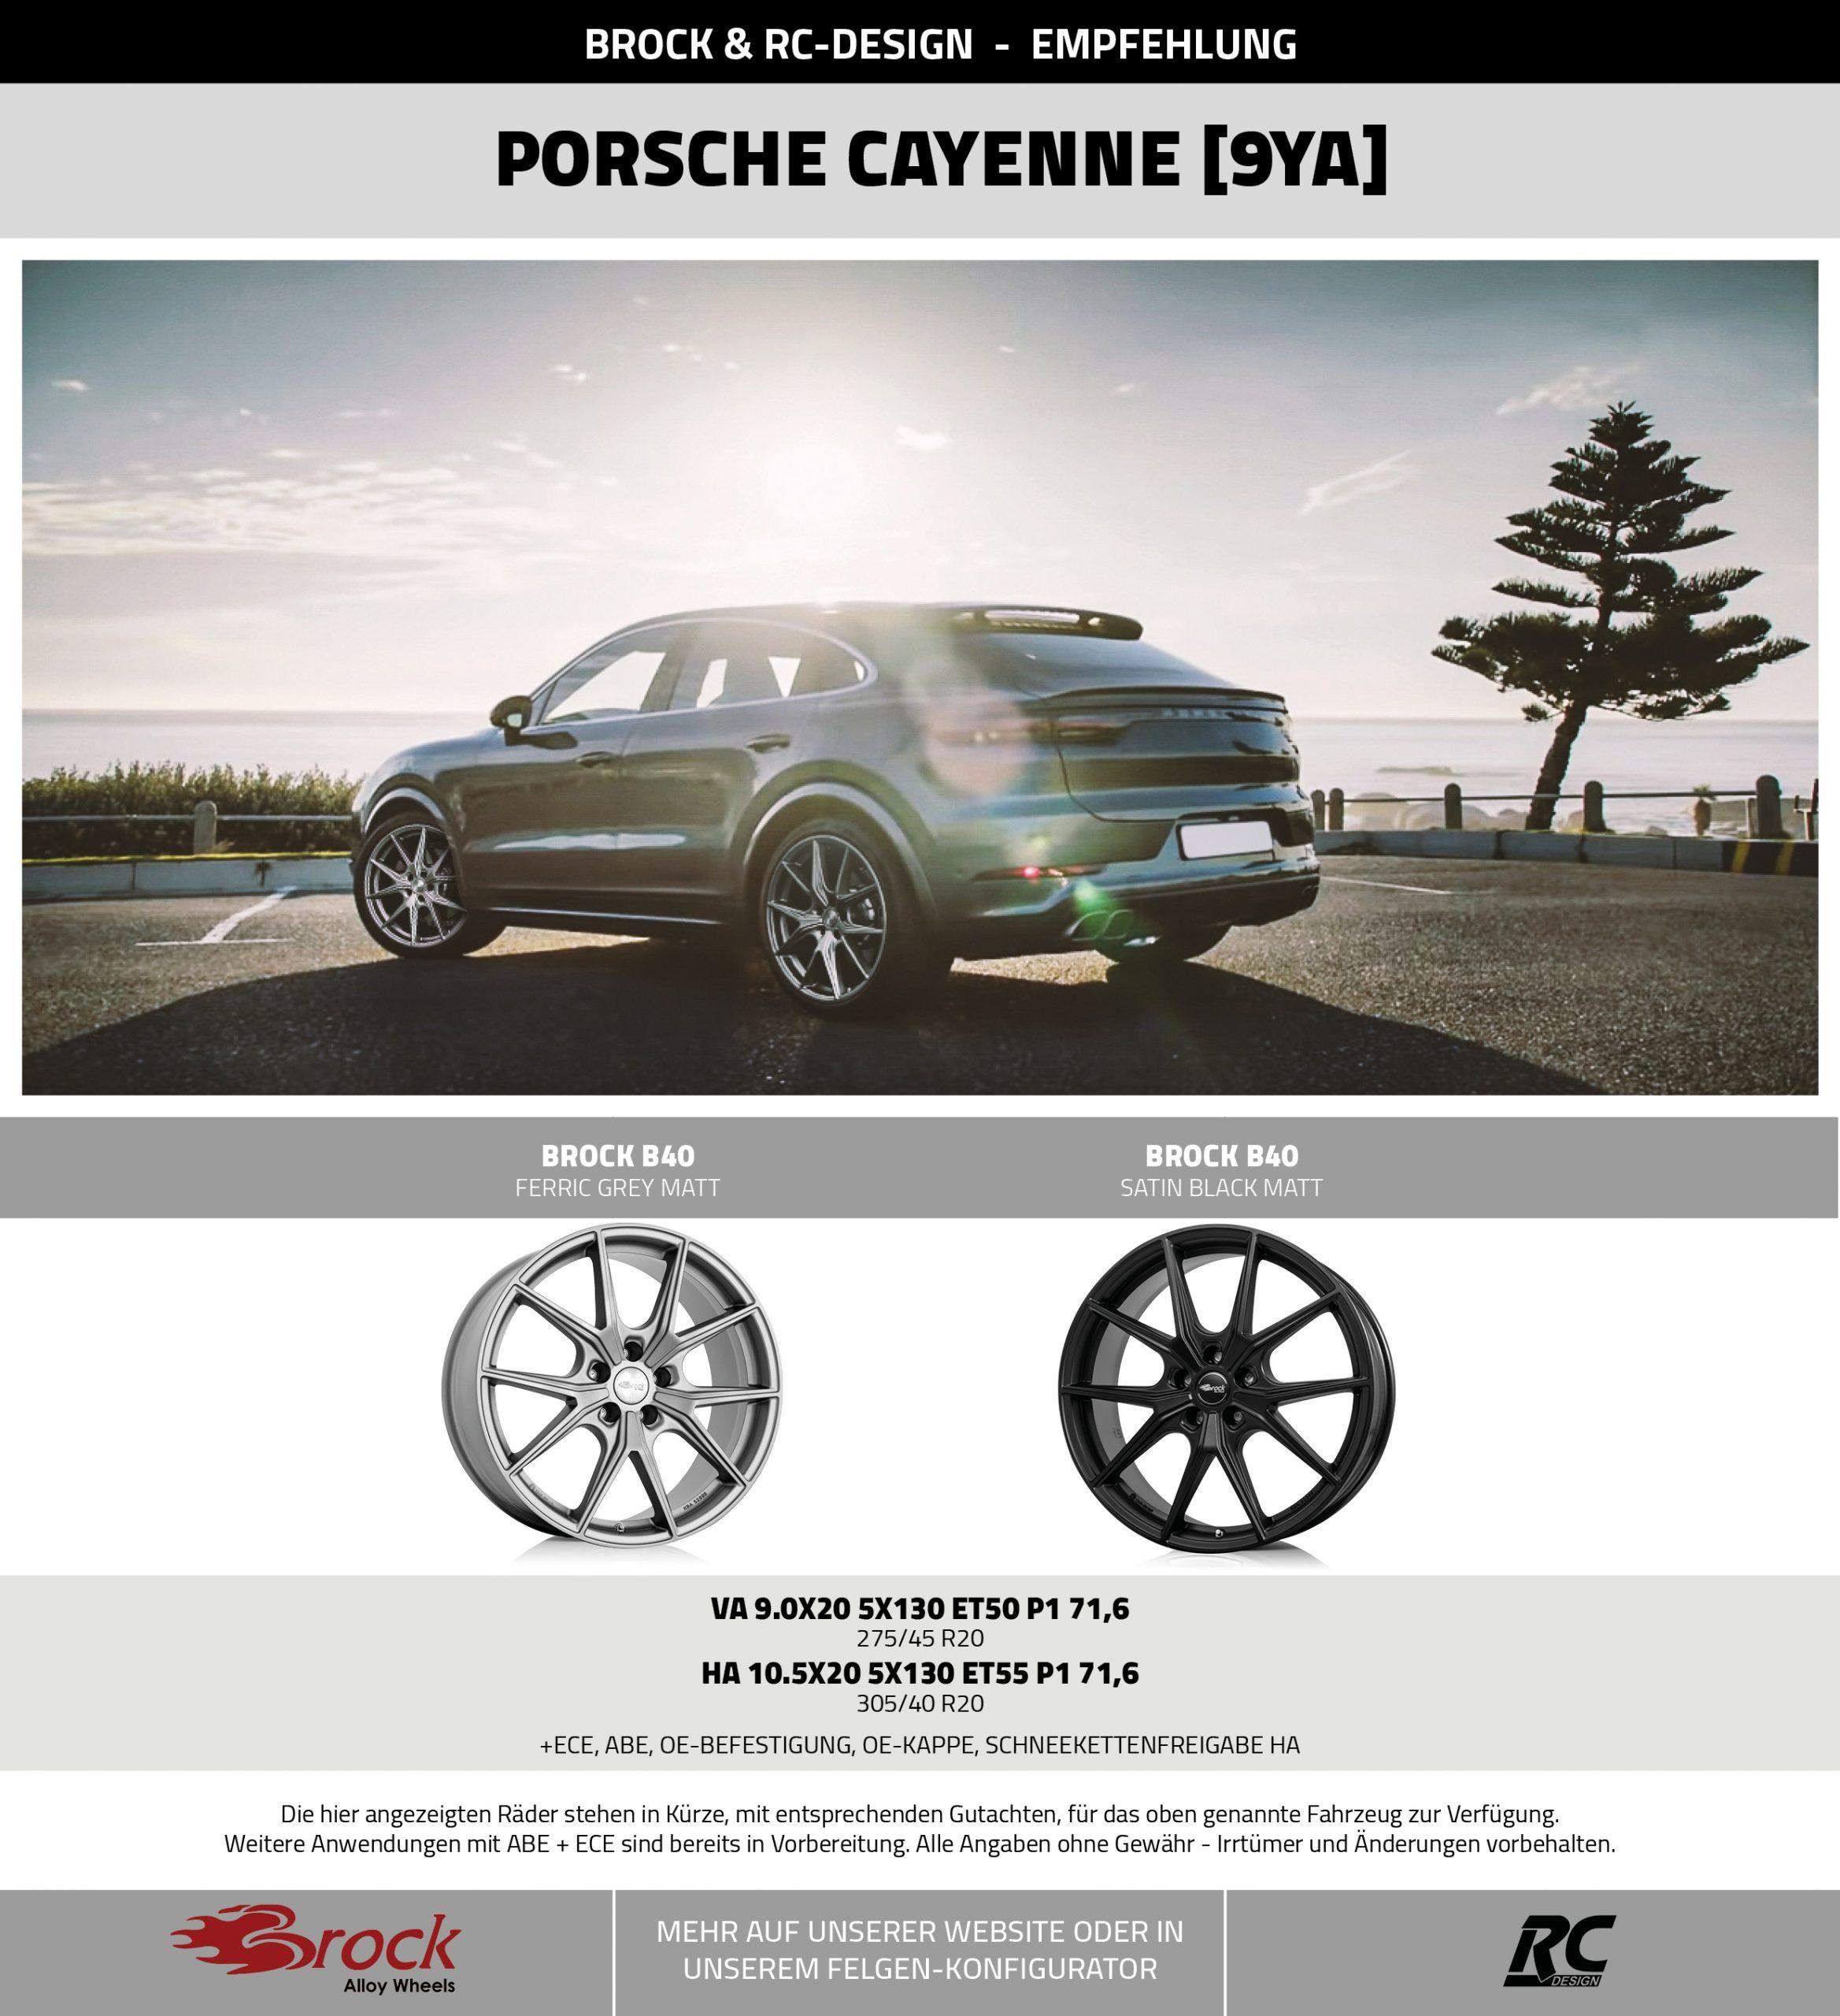 Empfehlung Porsche Cayenne